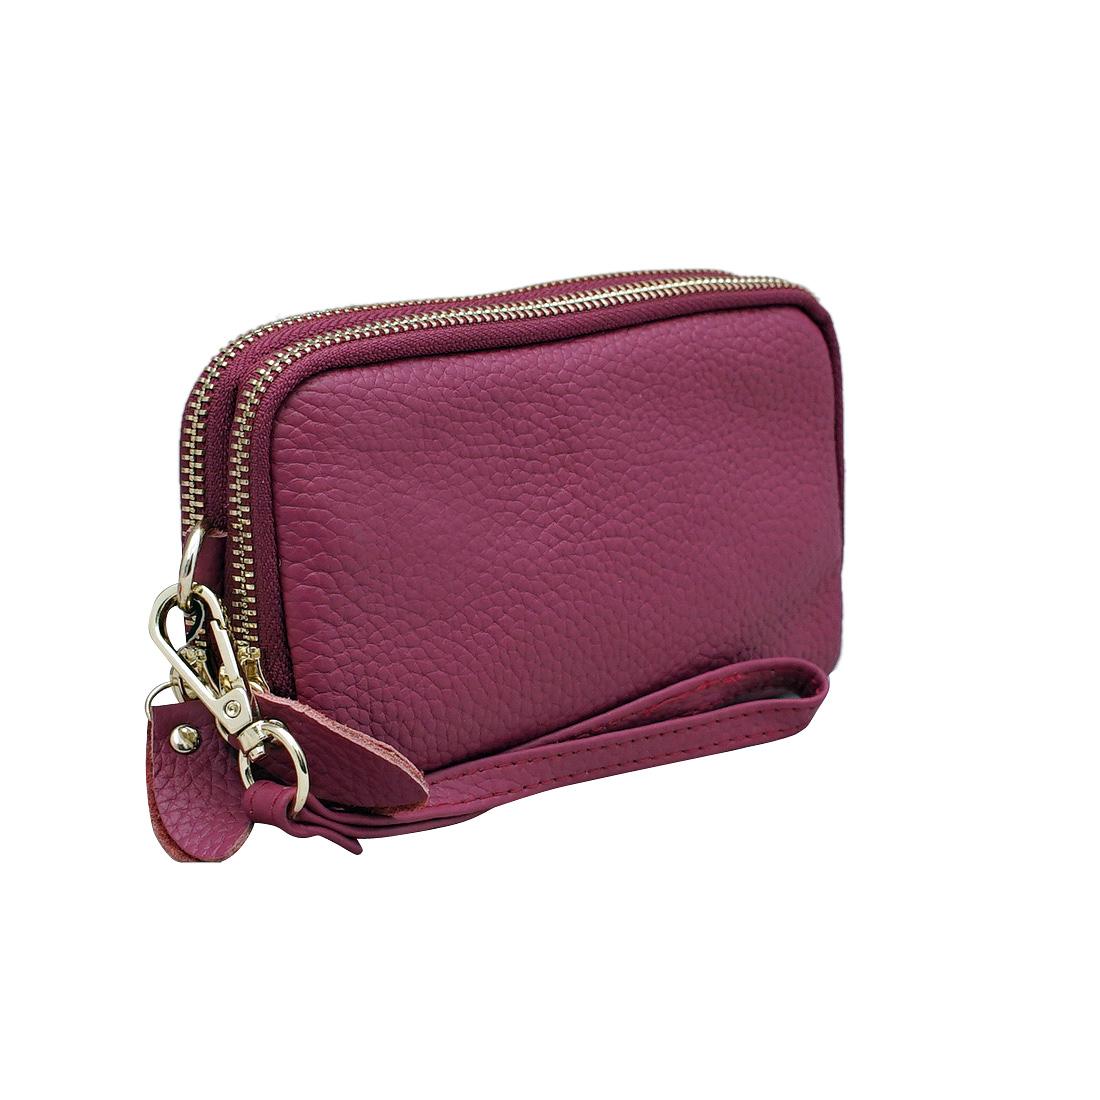 Ví nữ da bò thật cao cấp ELMI màu tím hồng EVW233